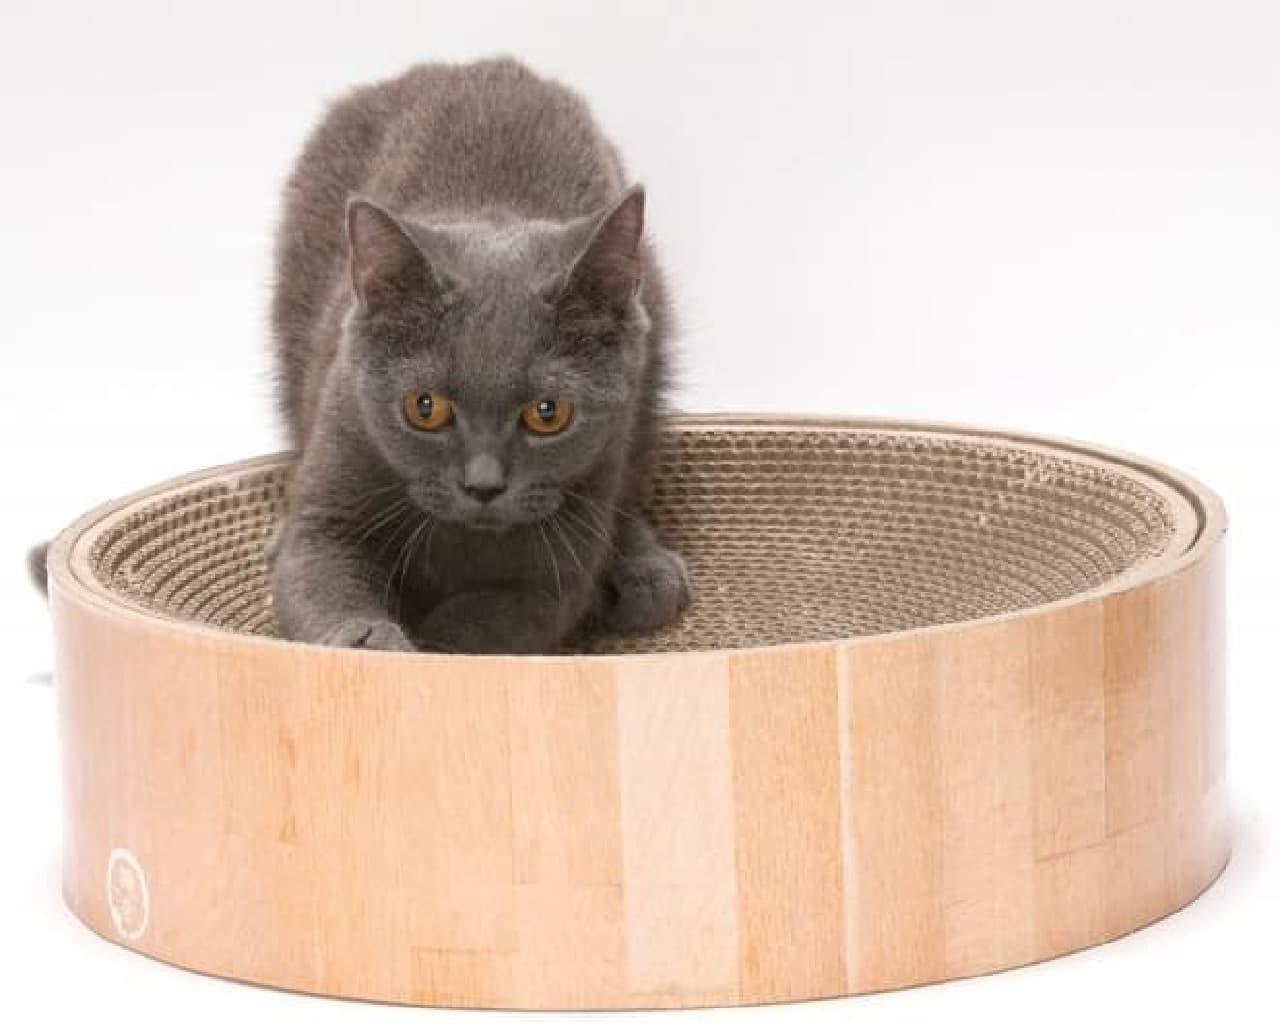 ネコが入りたくなる爪とぎ…すり鉢構造の「バリバリボウル」